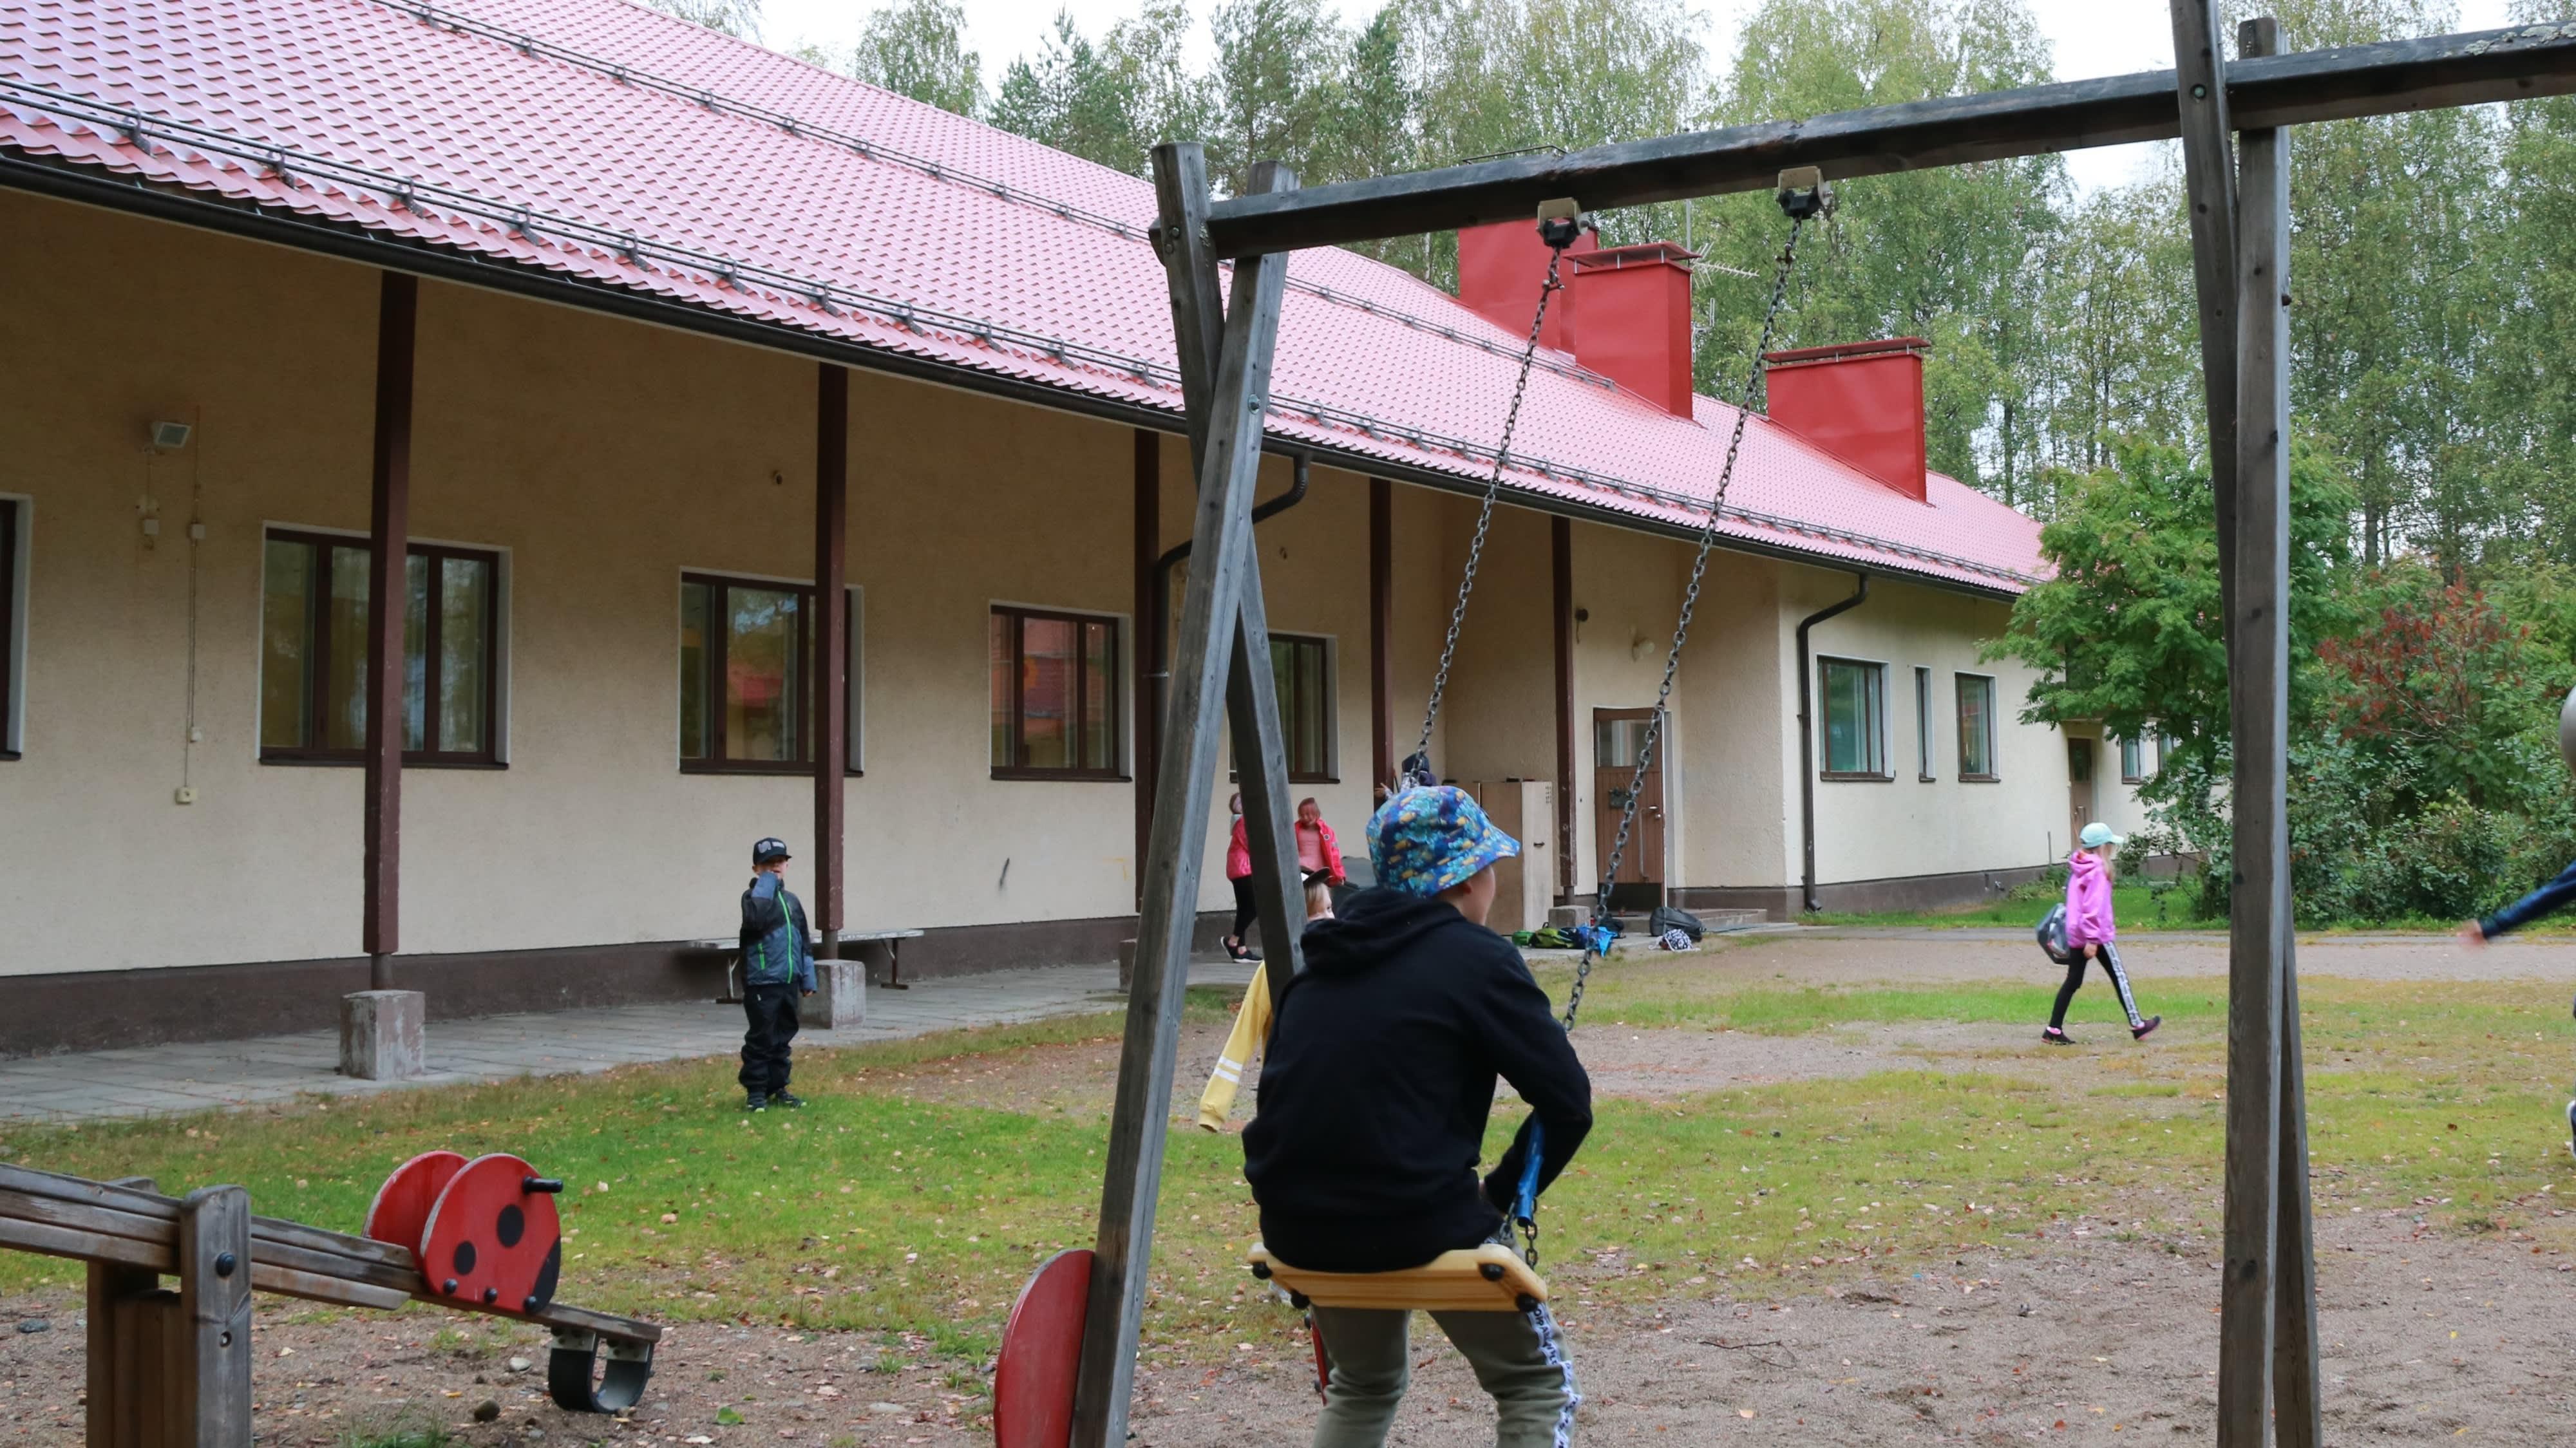 Lylykosken kyläkoulu, Ilomantsissa.